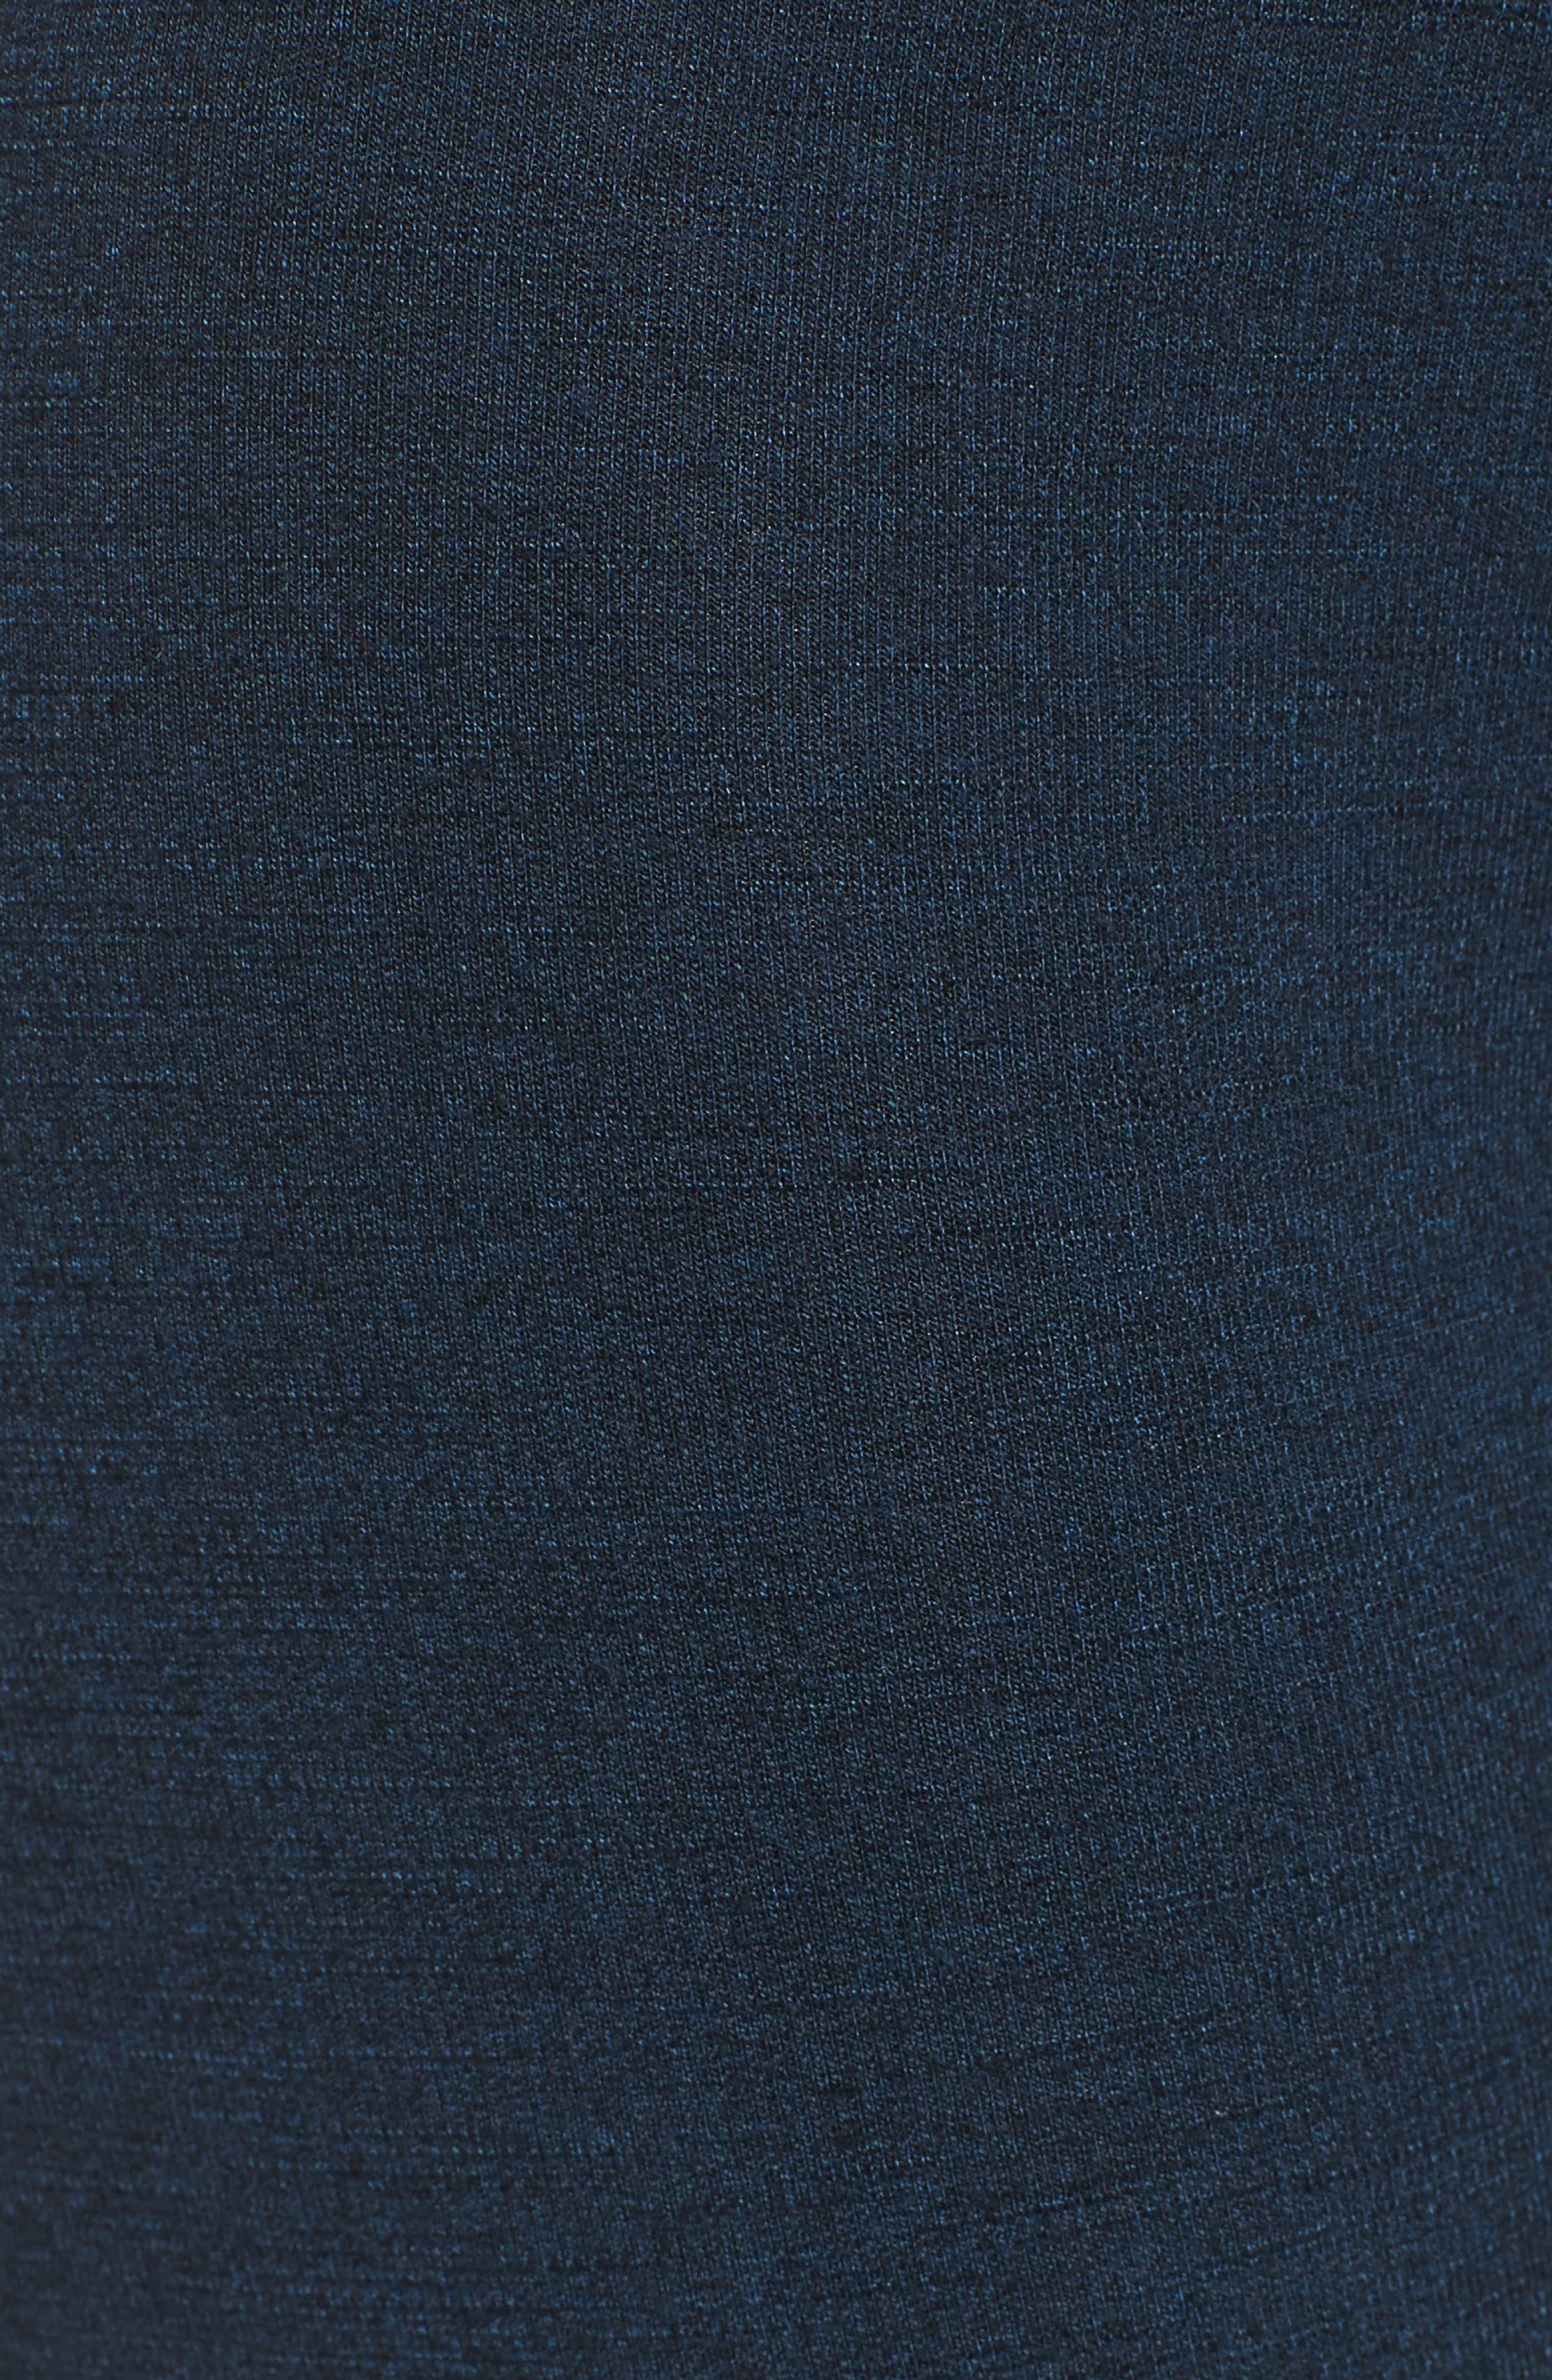 Stripe Yoga Pants,                             Alternate thumbnail 6, color,                             405